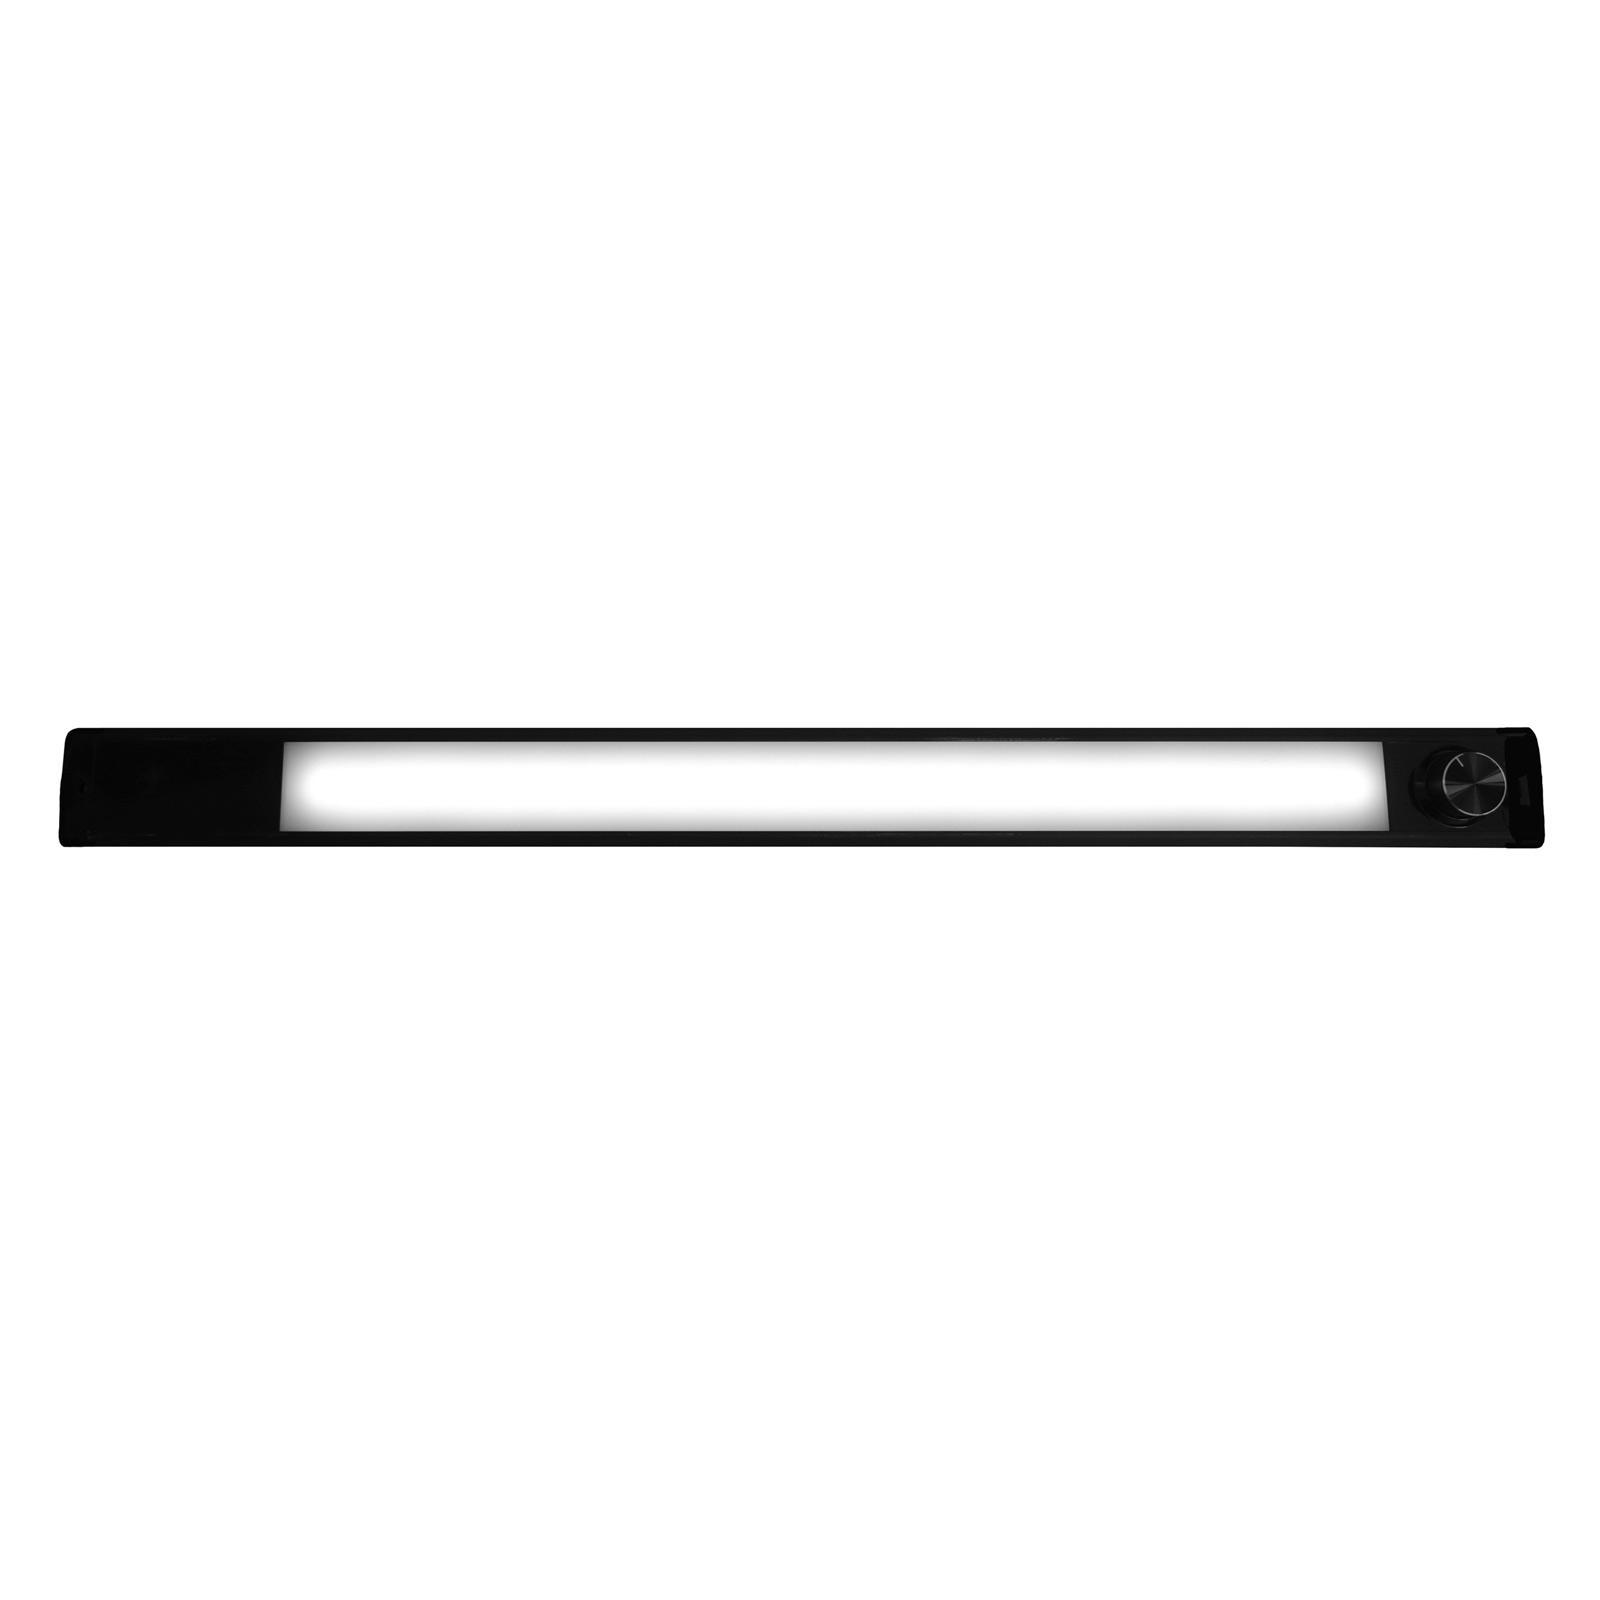 Calina 60 Switch Tone LED under-cabinet lamp black_6520364_1